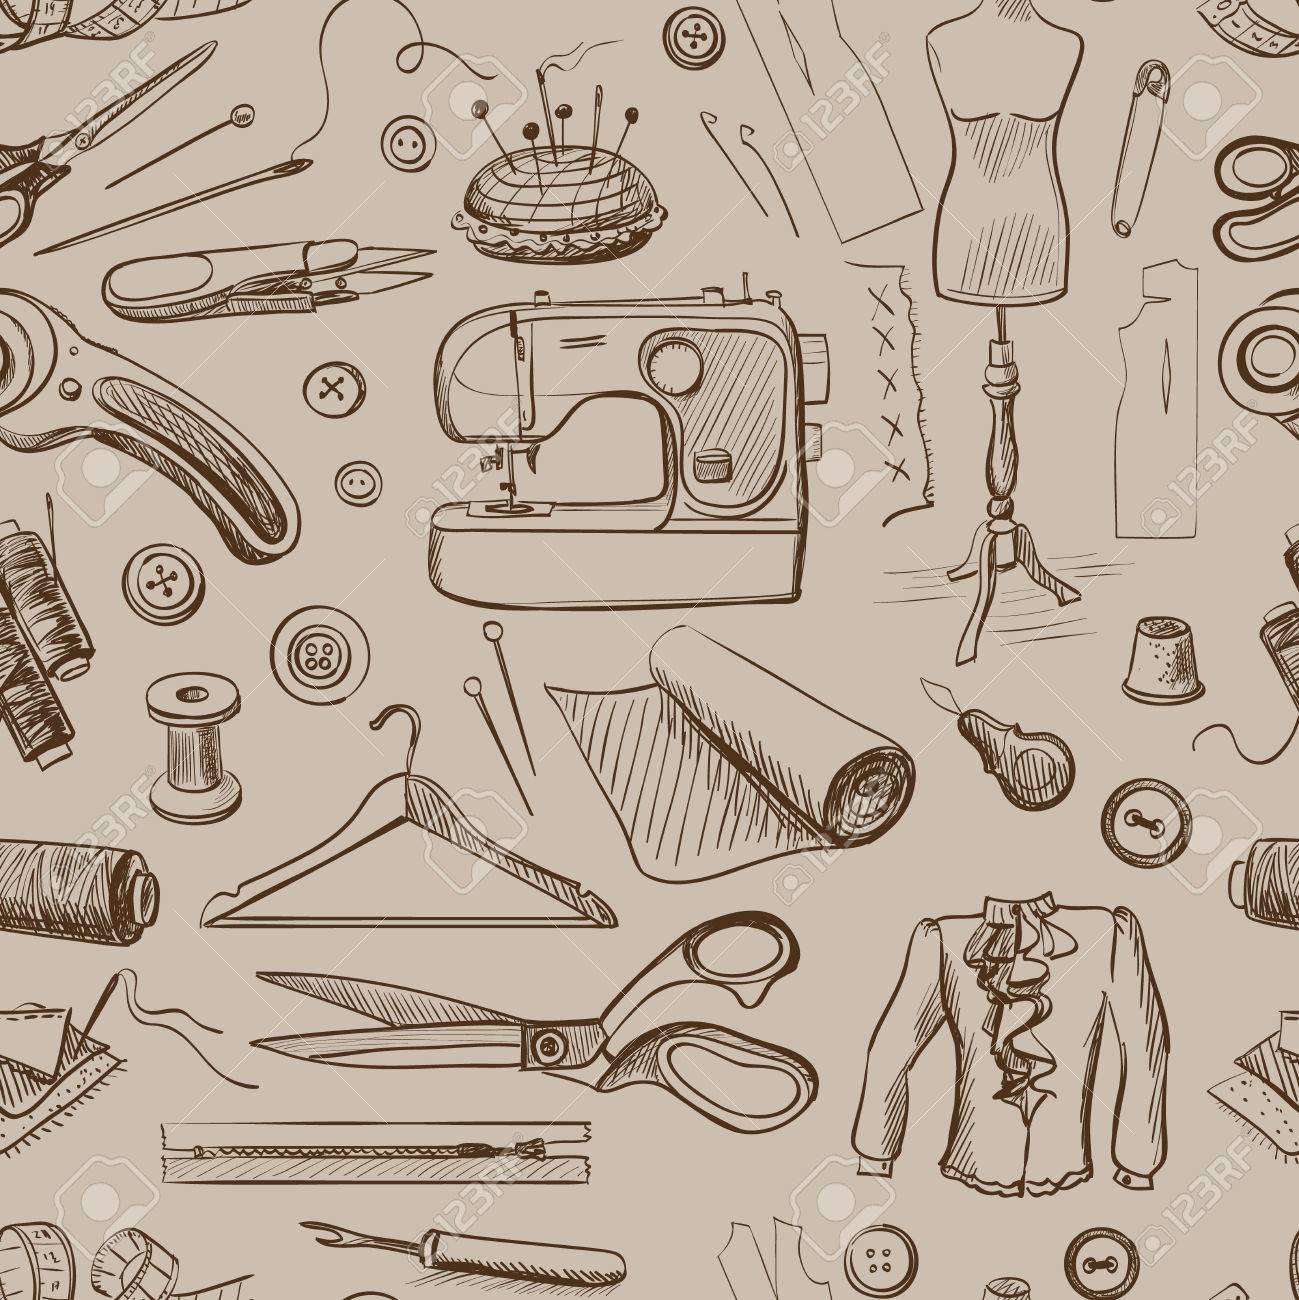 Dibujado a mano patrón de costura con una máquina de coser, hilo, tijeras,  Carretes, bobinas, Cloth Hanger, Agujas, Regla, Ropa, Maniquí, botones.